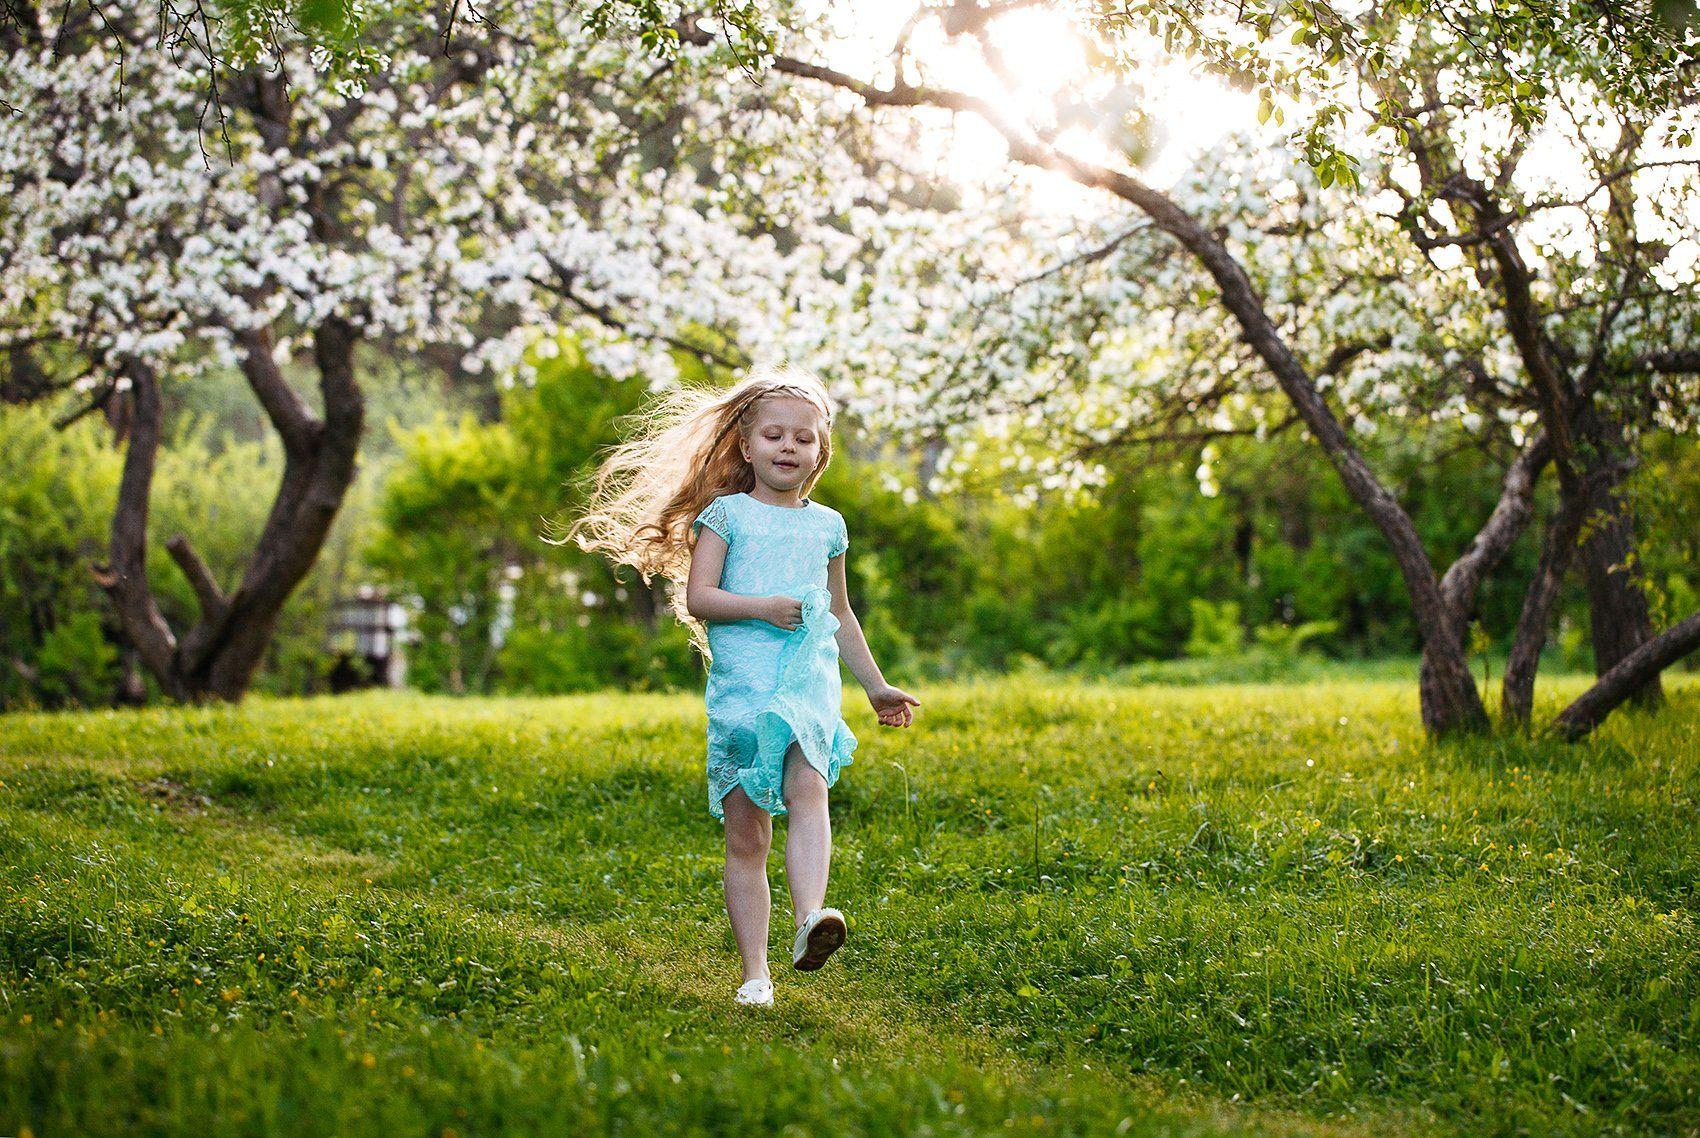 девочка, ребенок, лес, природа, яблони, радость, Евгений Толкачёв